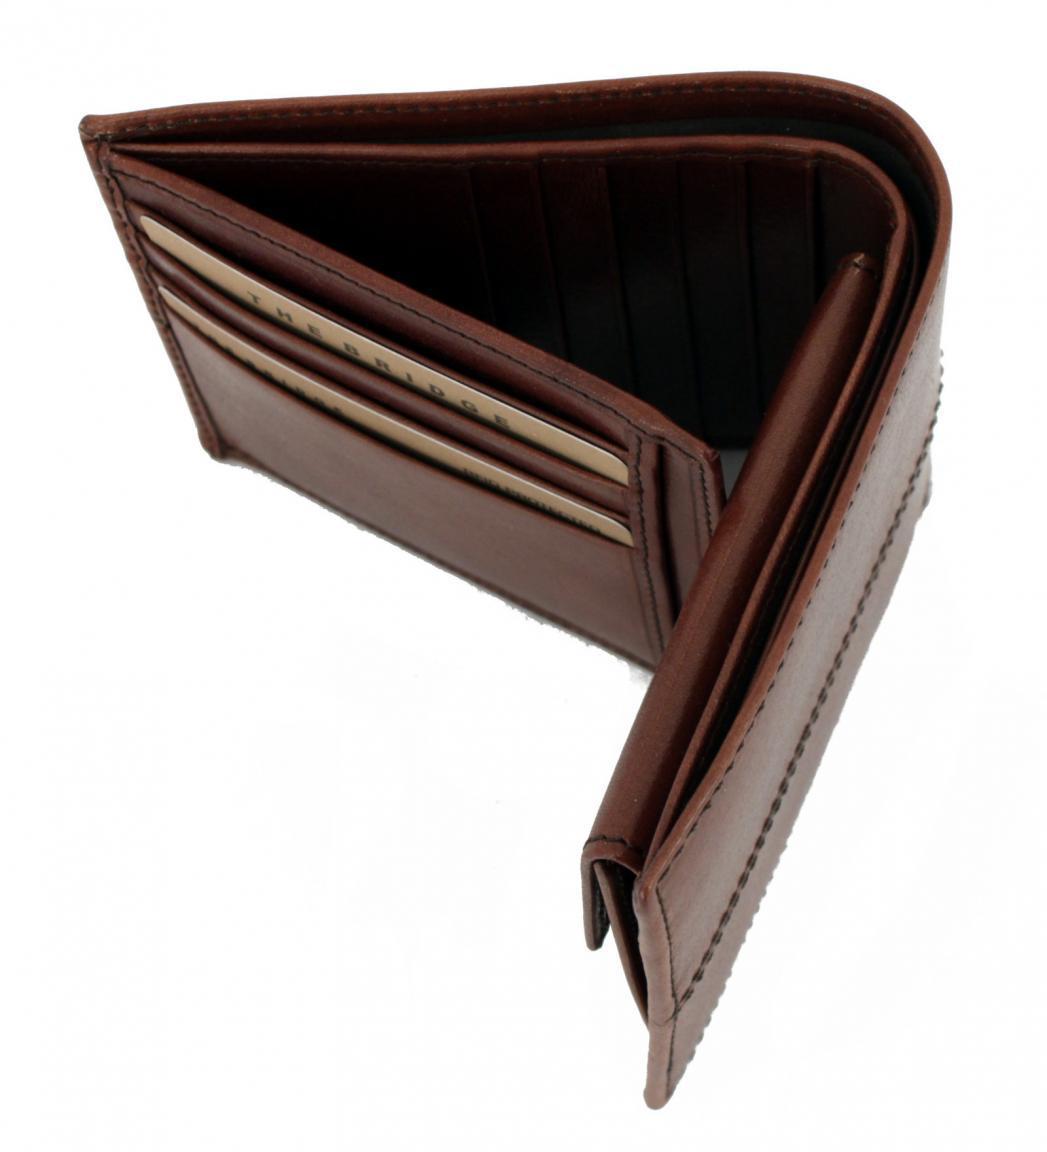 Brieftasche The Bridge Vespucci Marrone braun RFID Leder